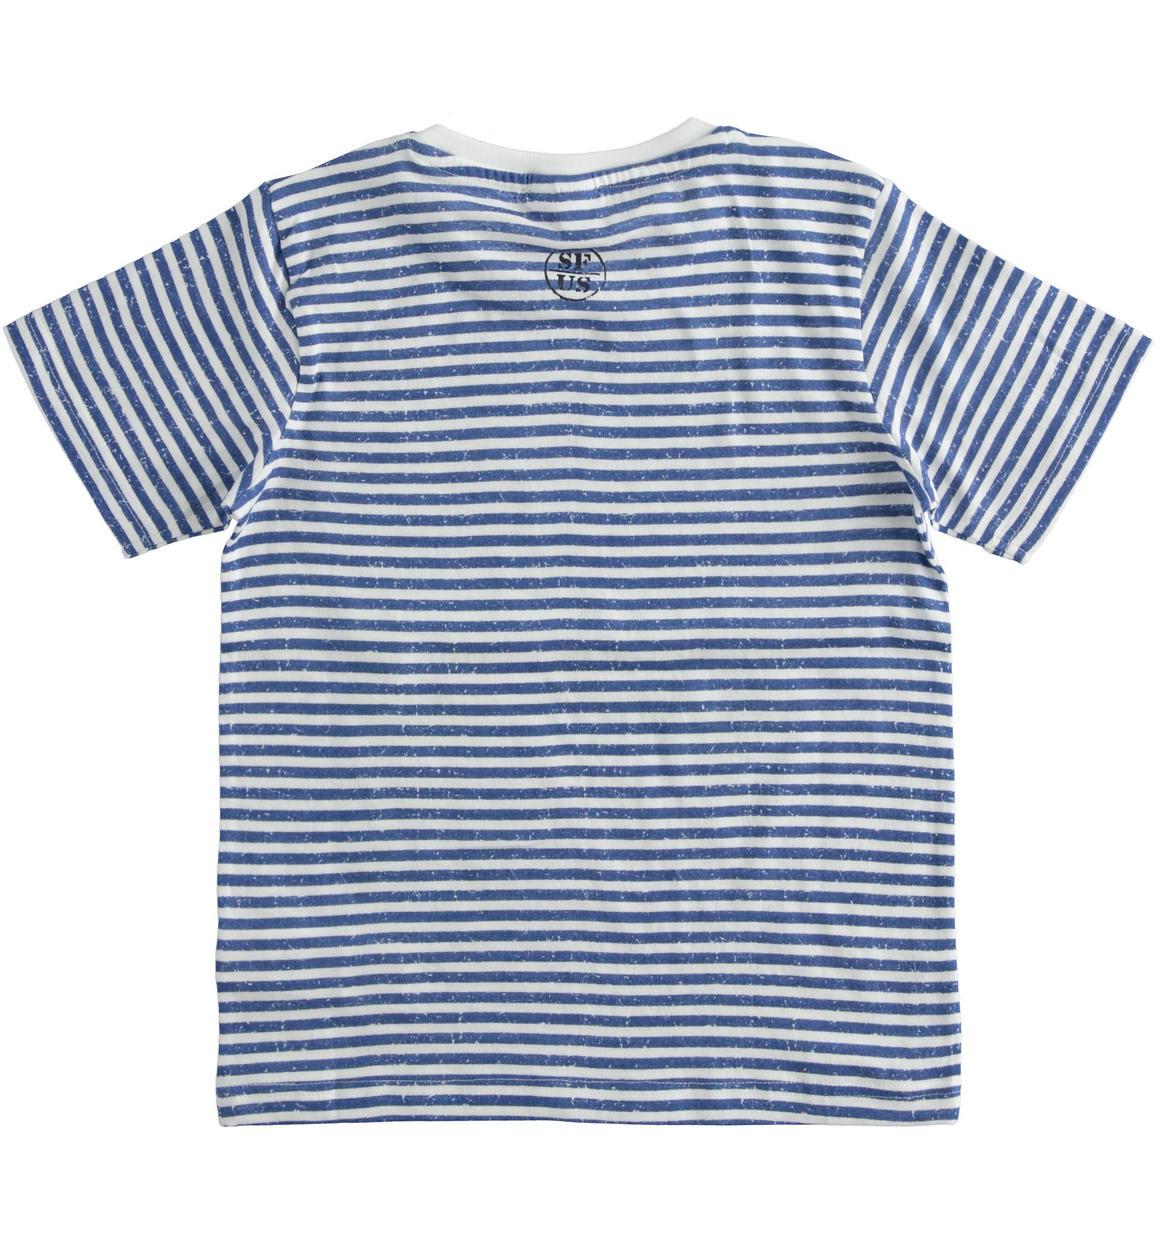 colorata tshirt fantasia rigata per bam bianco dettaglio 03 2434j81500 6my8 150x150